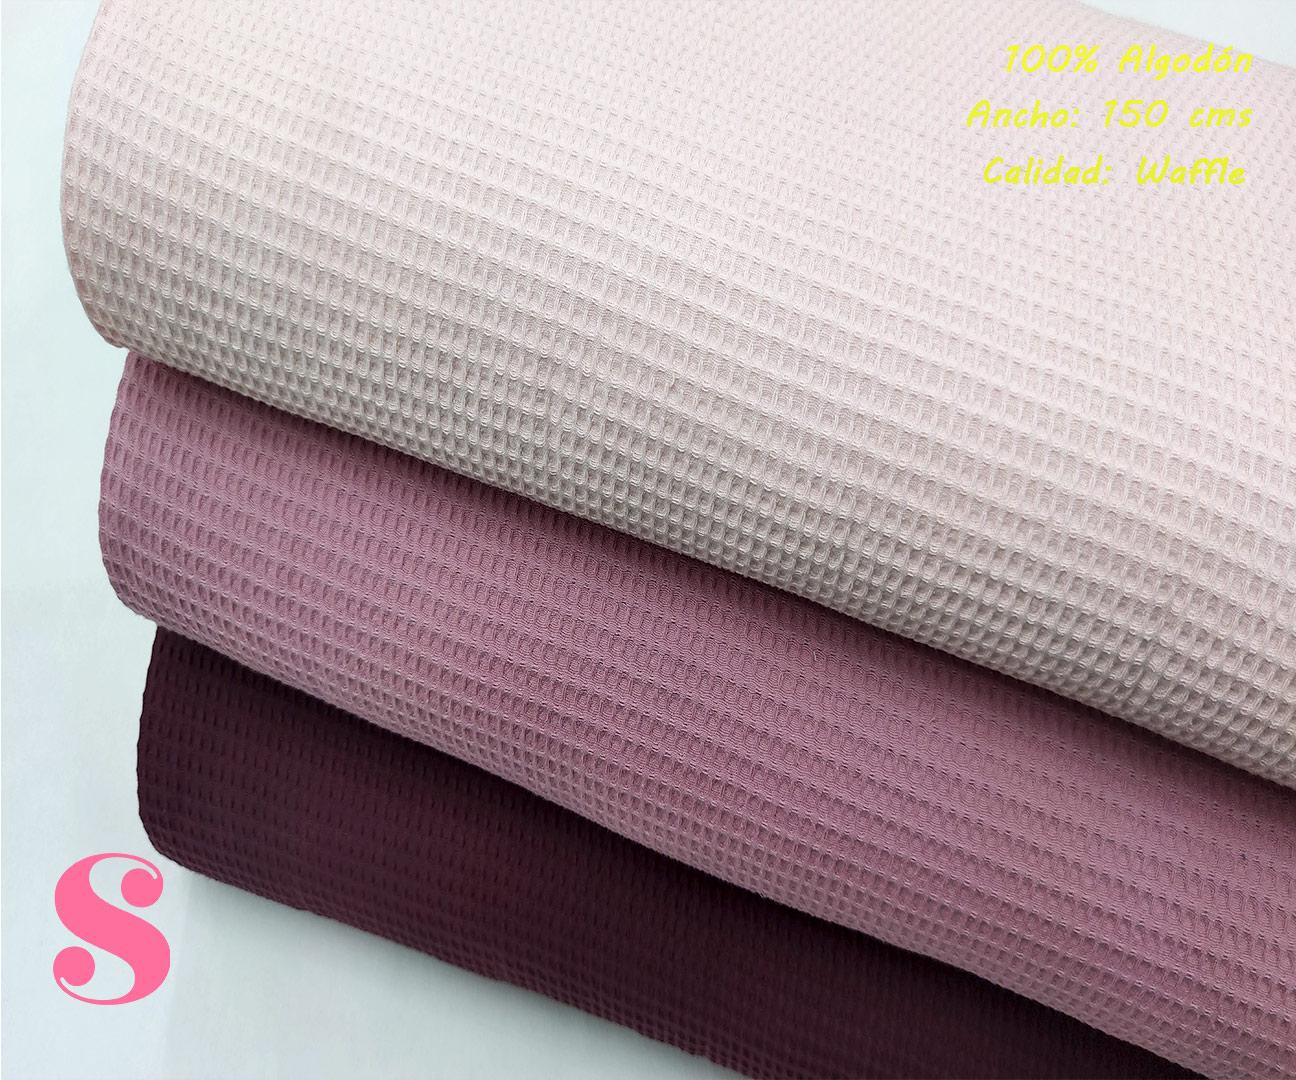 W4-waffle-tela-invierno-toalla-relieve-cuadros-gofre-algodon,Wafel Cuadrados Burdeos